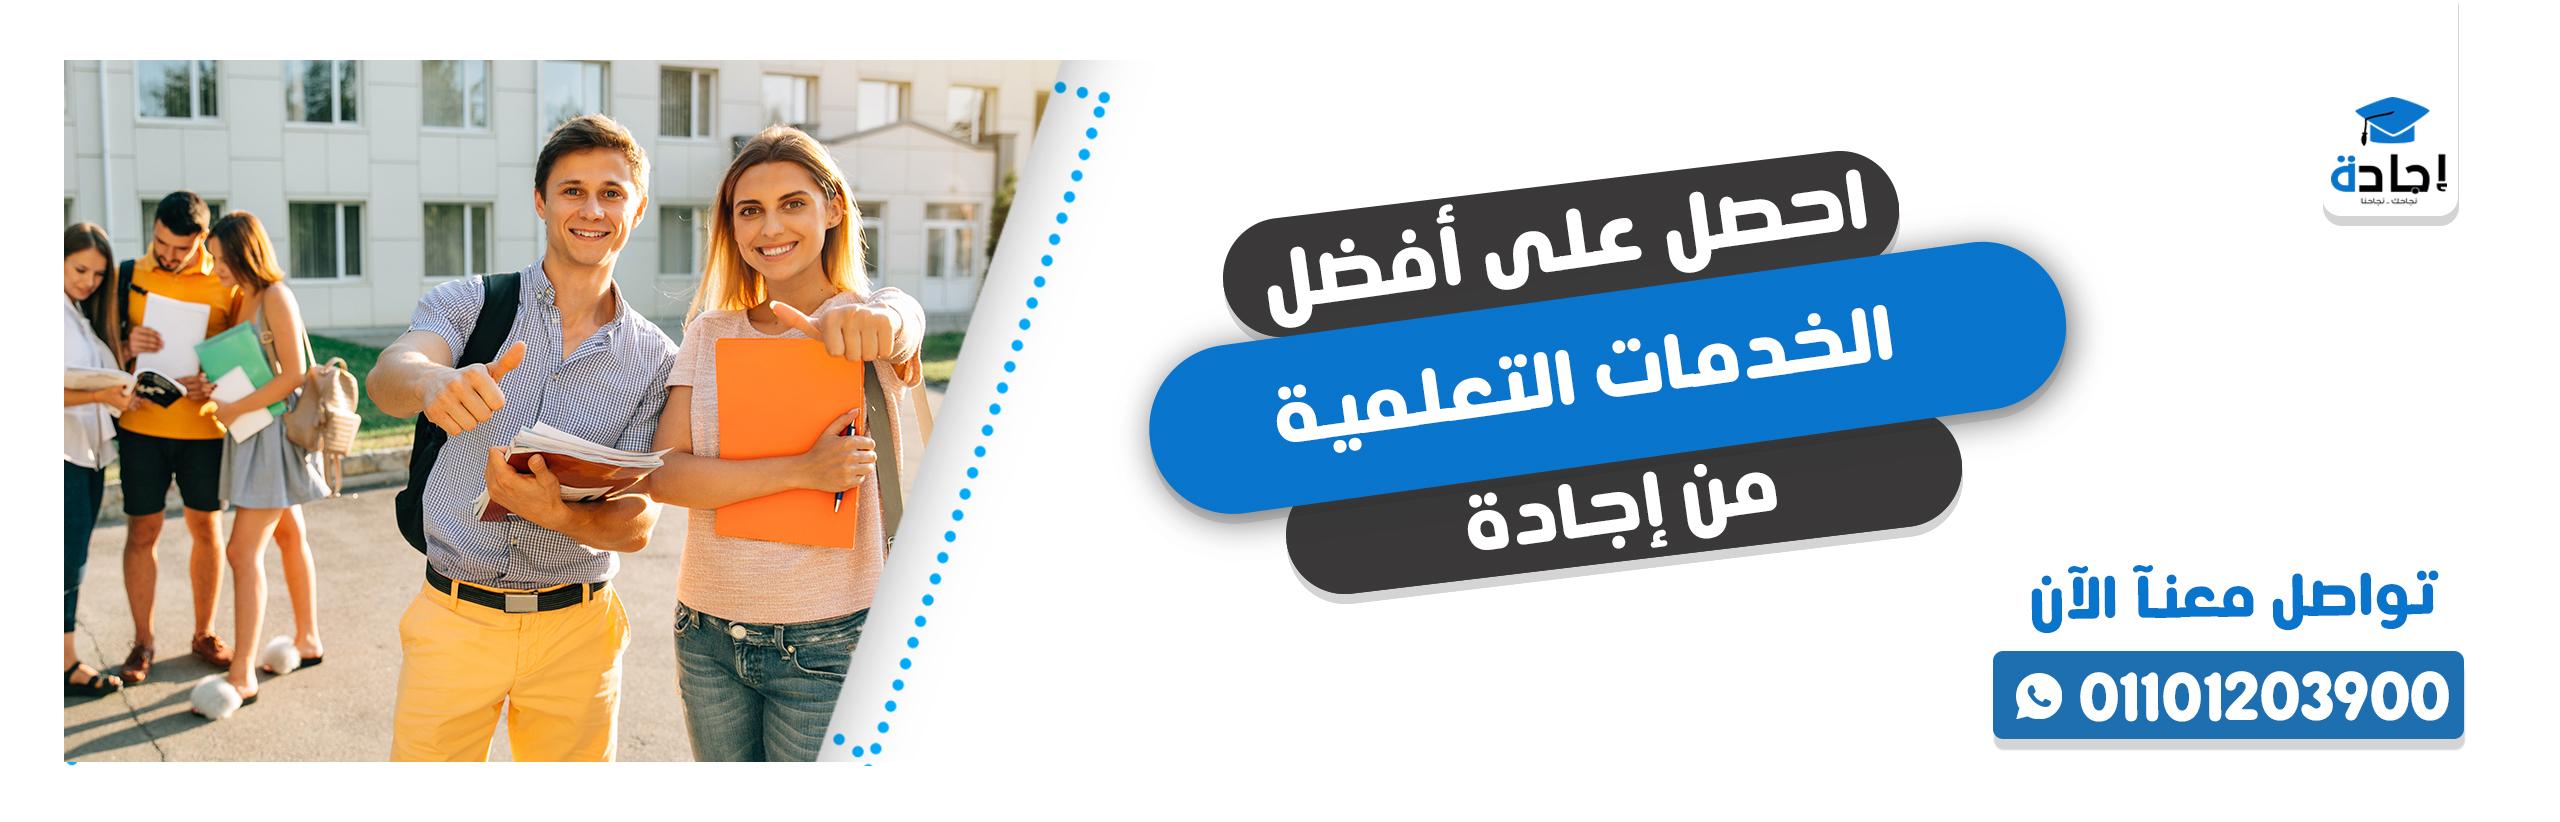 عمل بحوث جامعية في دبي